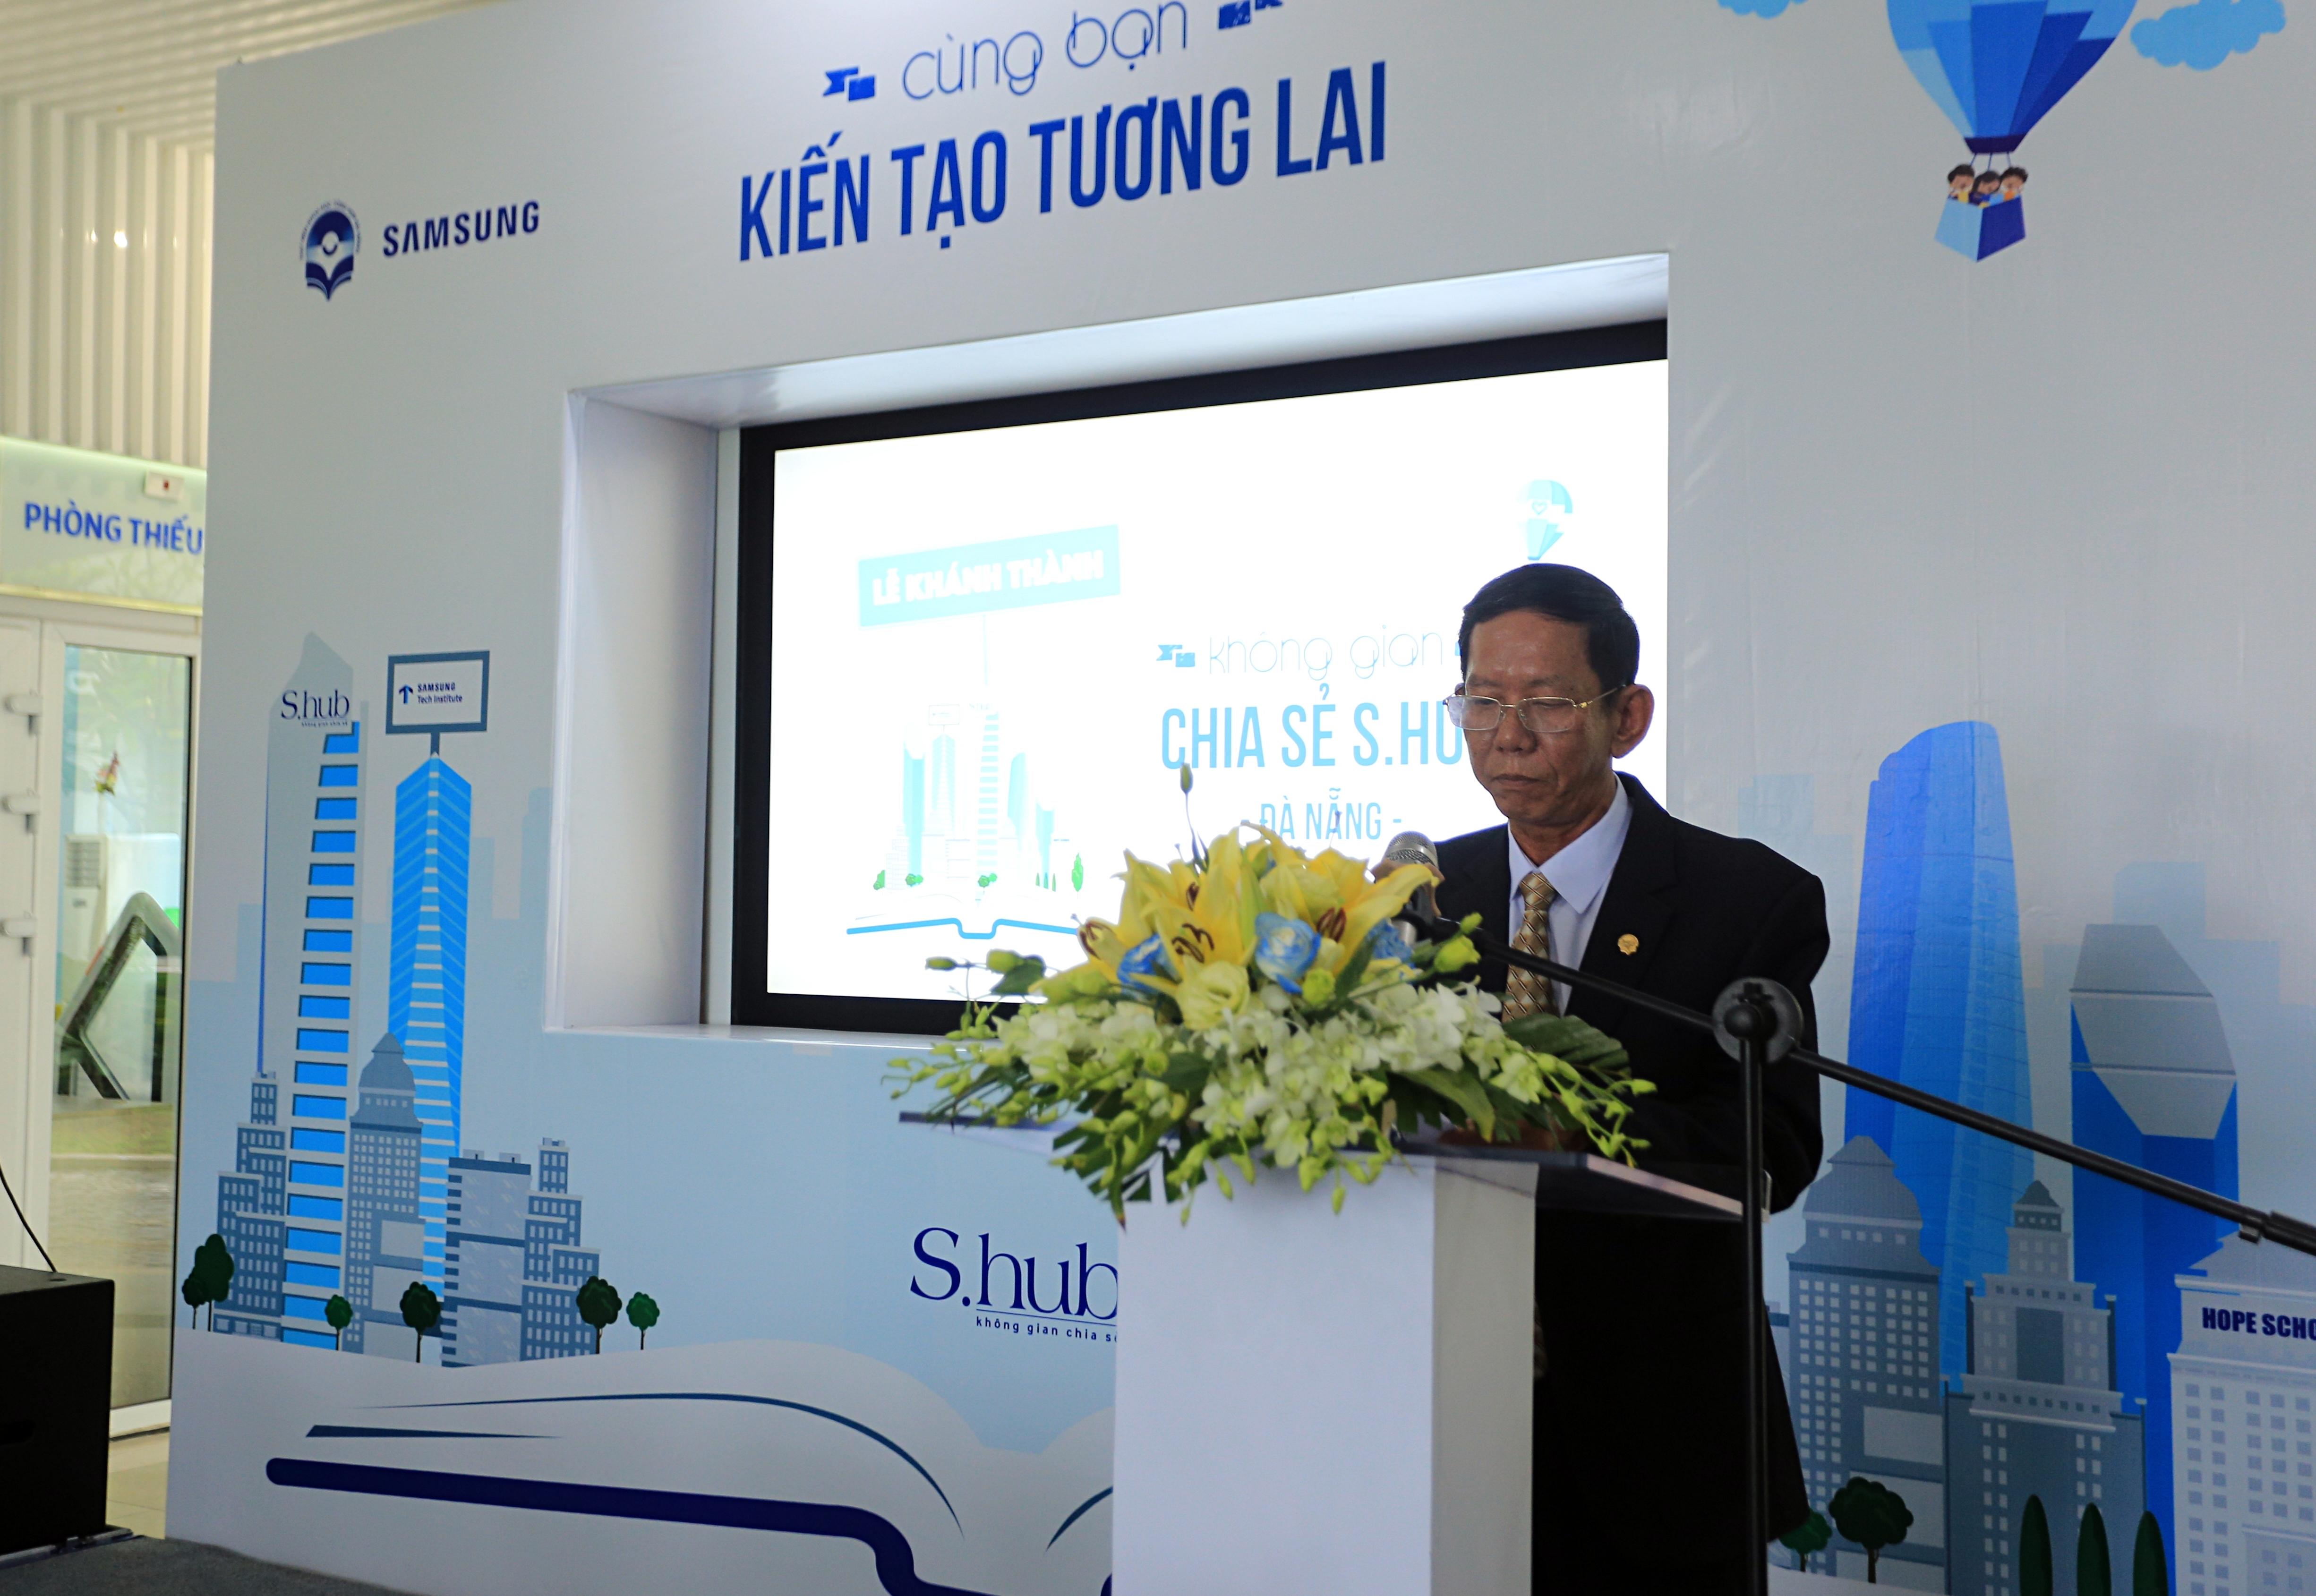 S.hub - không gian chia sẻ tri thức cực hot dành cho giới trẻ Đà Nẵng - Ảnh 18.